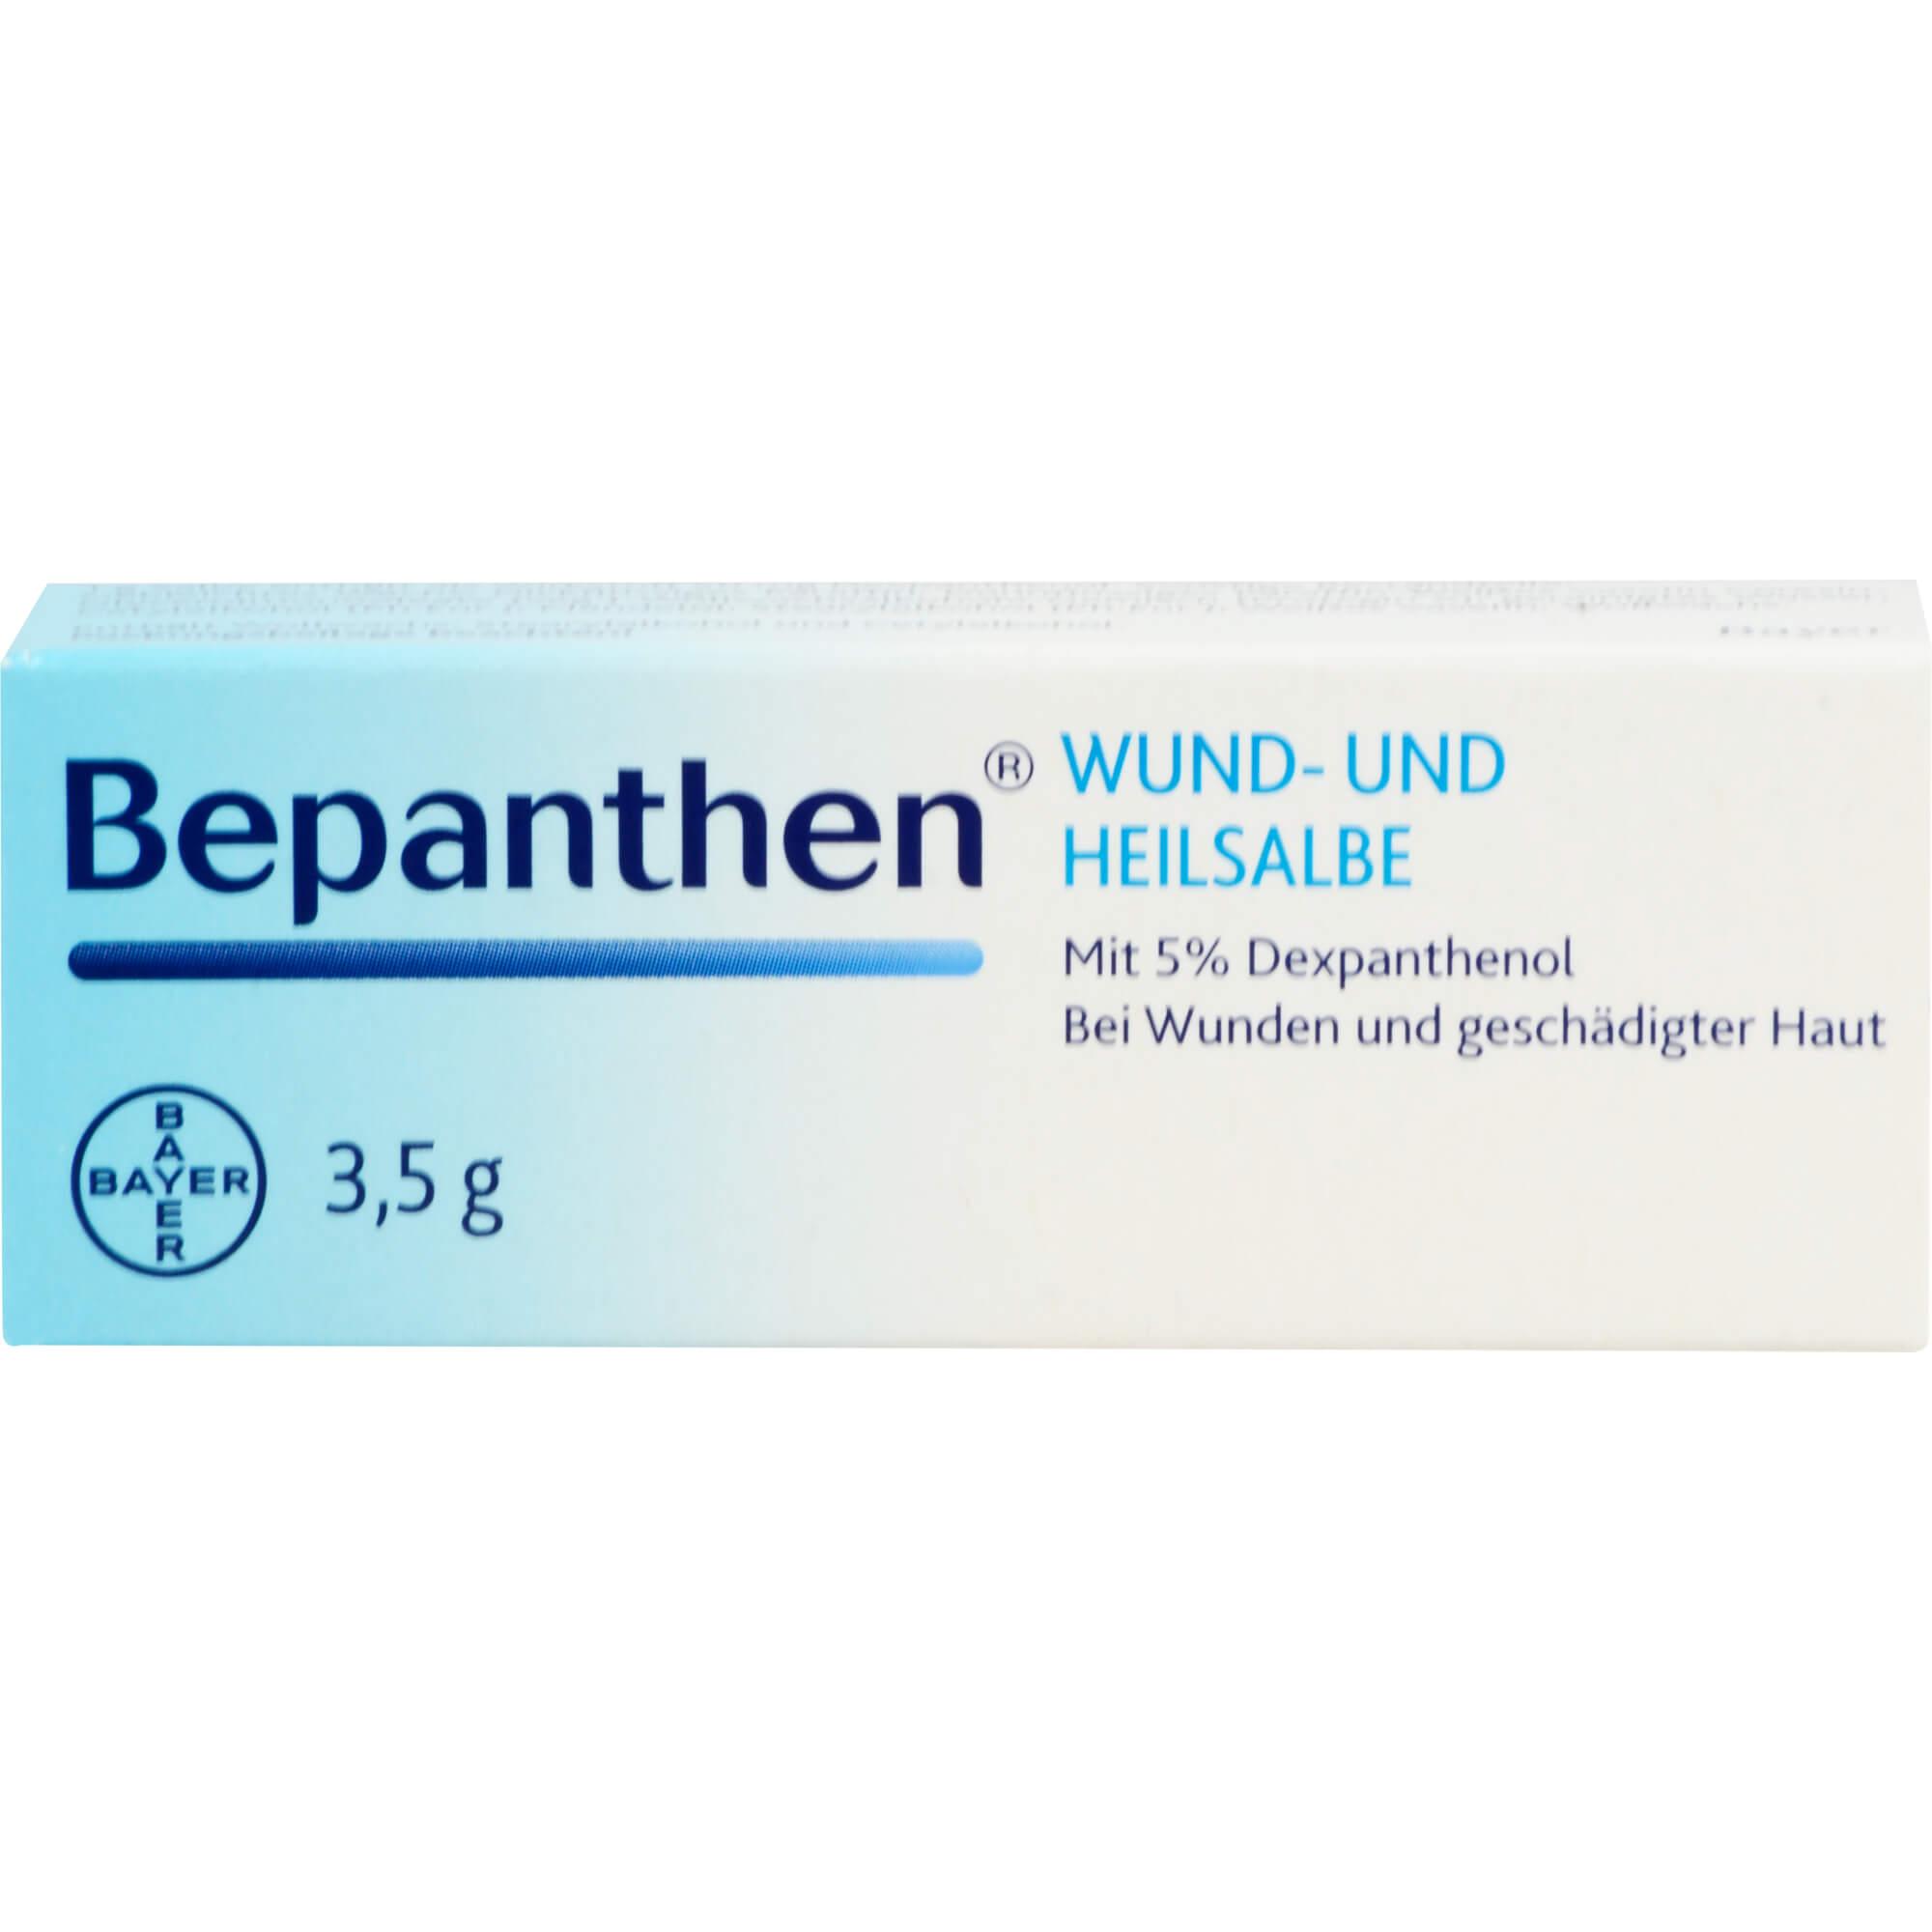 BEPANTHEN-Wund-und-Heilsalbe-Promo